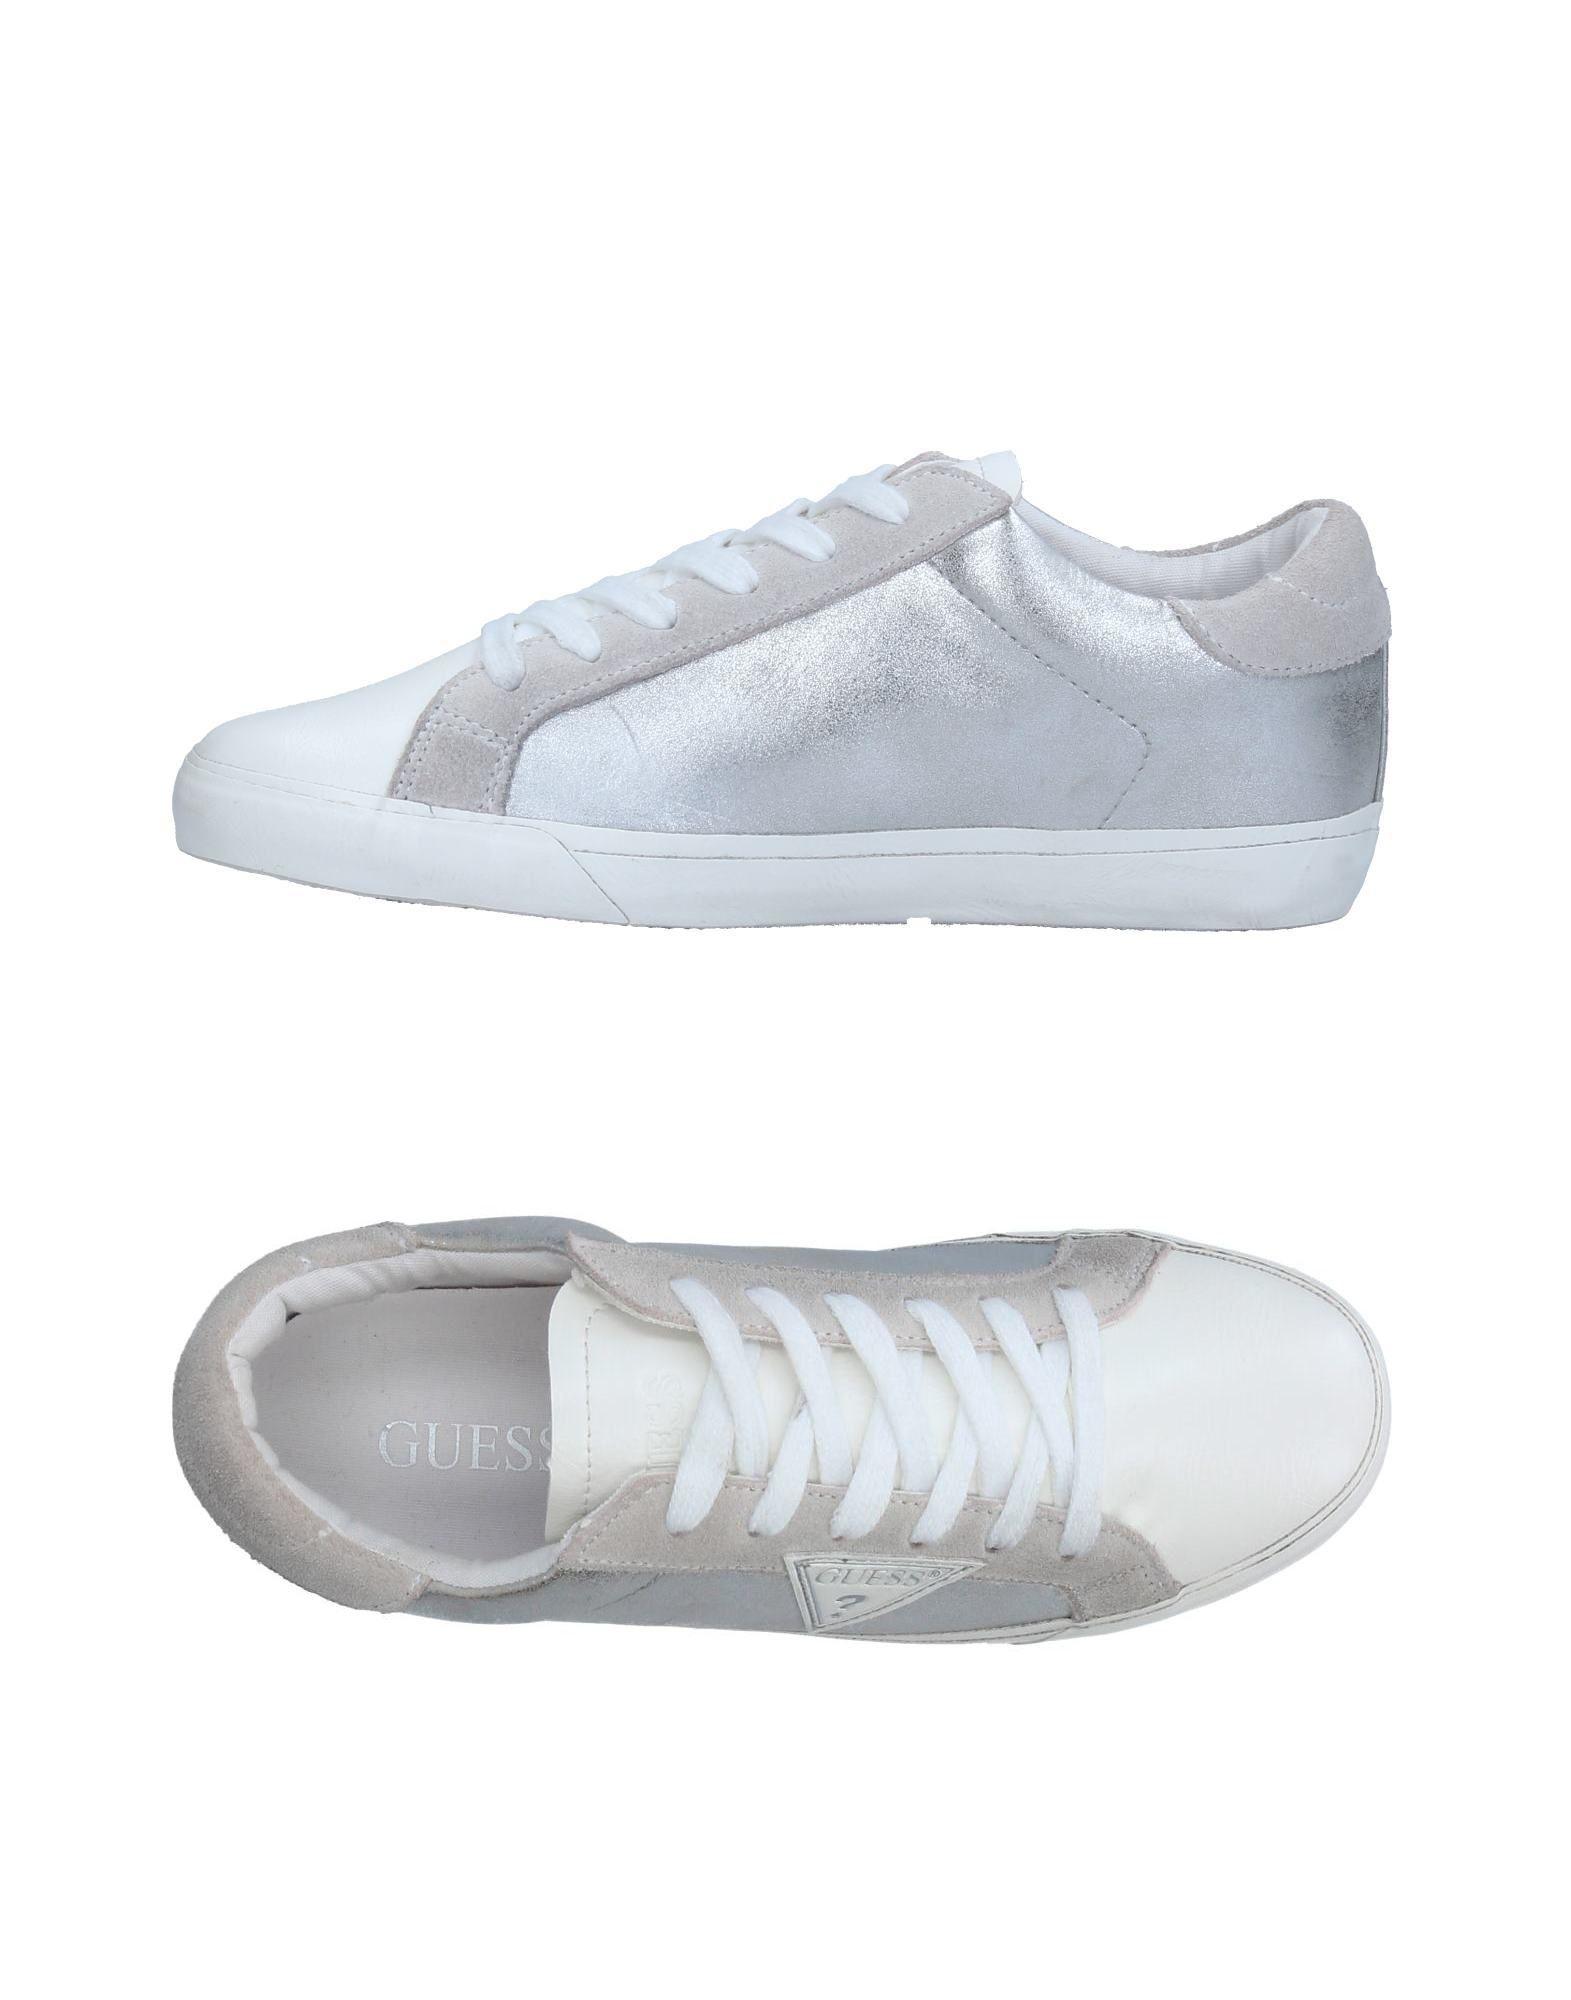 Guess Sneakers Damen  11329649NG Gute Qualität beliebte Schuhe